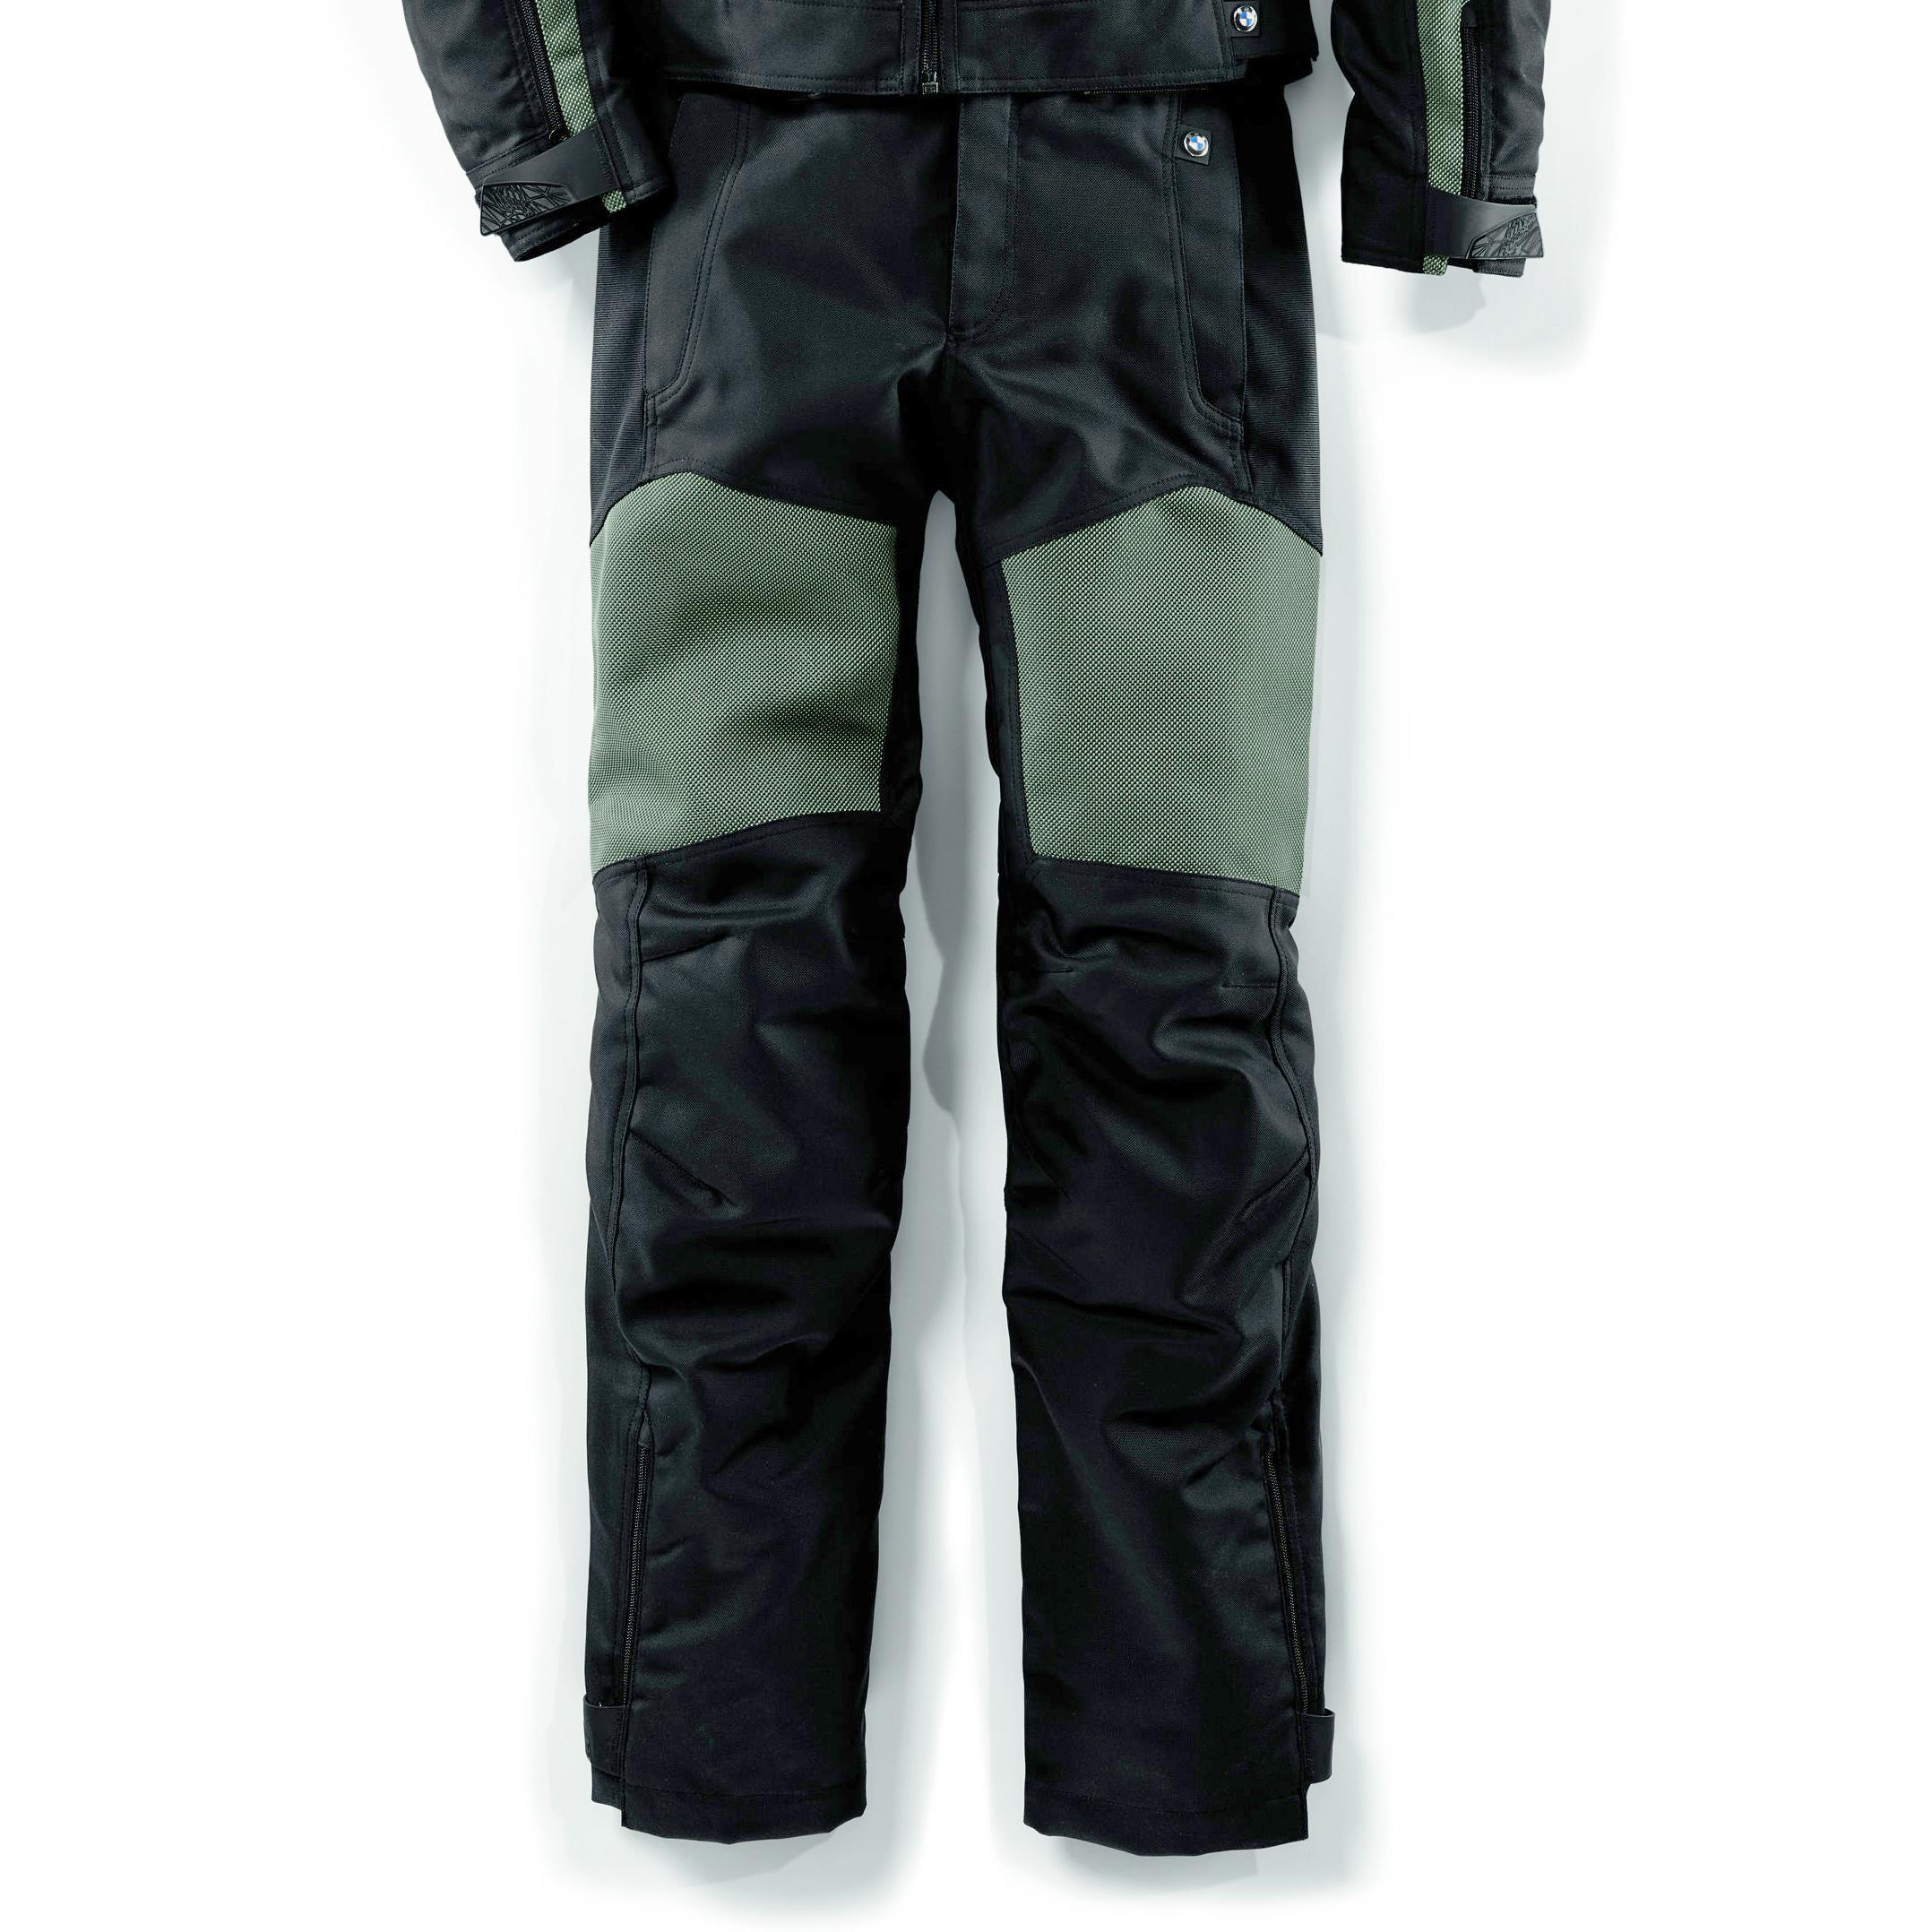 BMW Womens Airflow Pants - Black - 76138547153